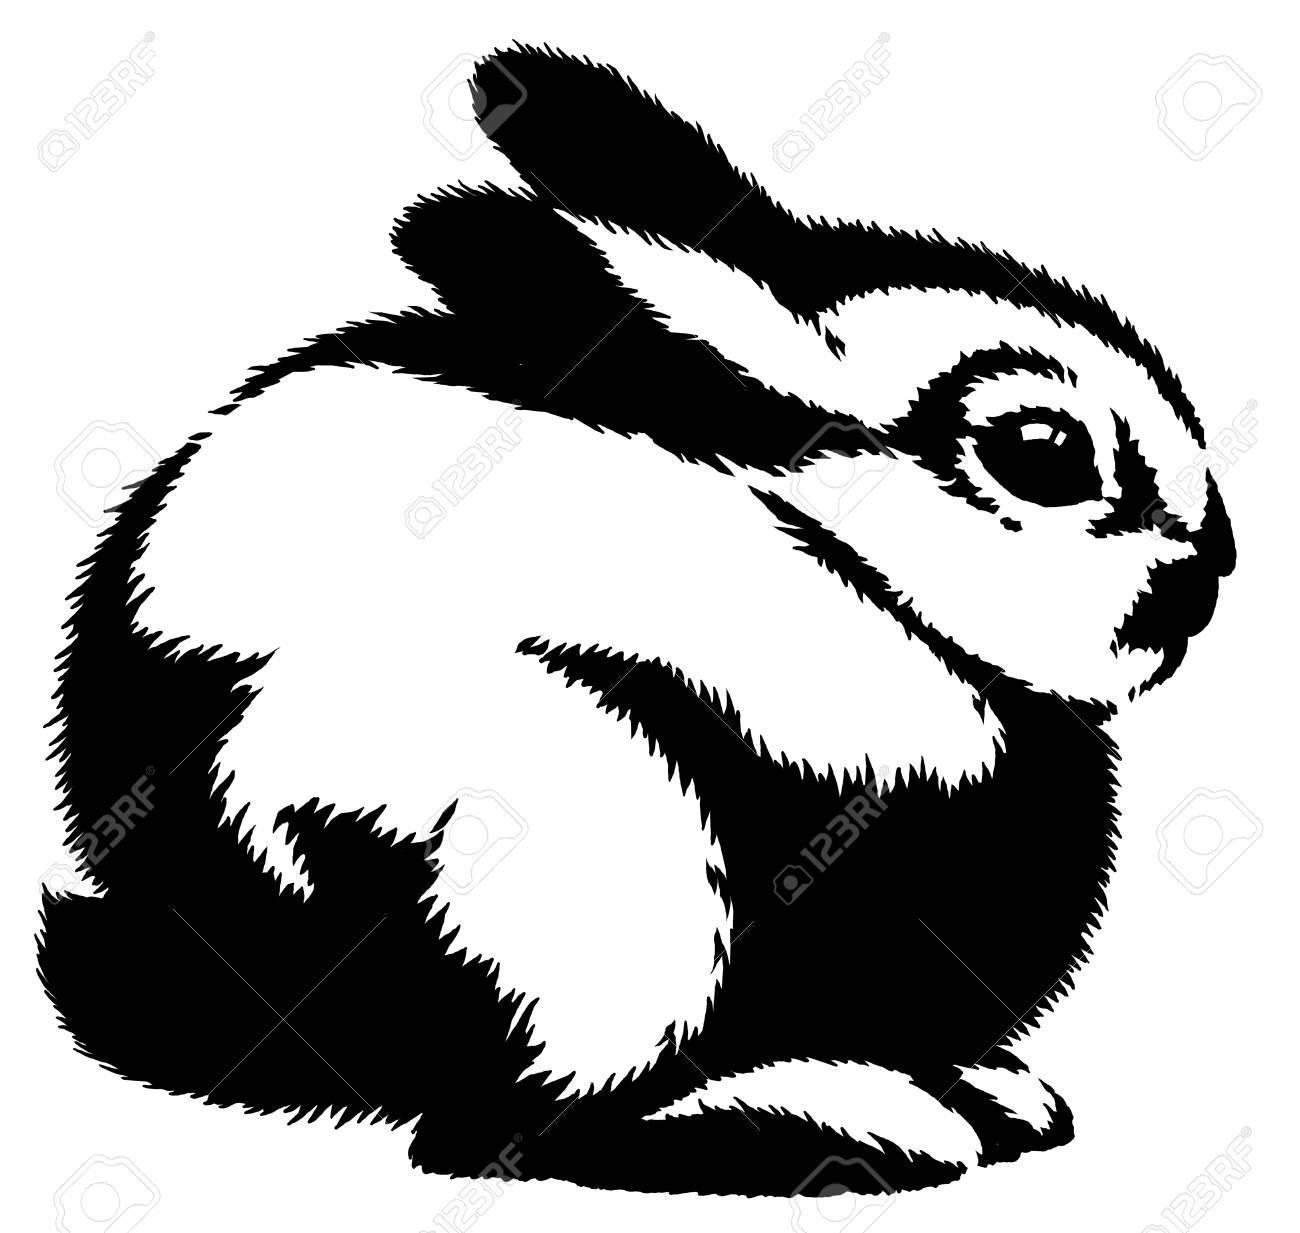 Blanco Y Negro Dibujo Lineal Conejo Ilustración Fotos Retratos